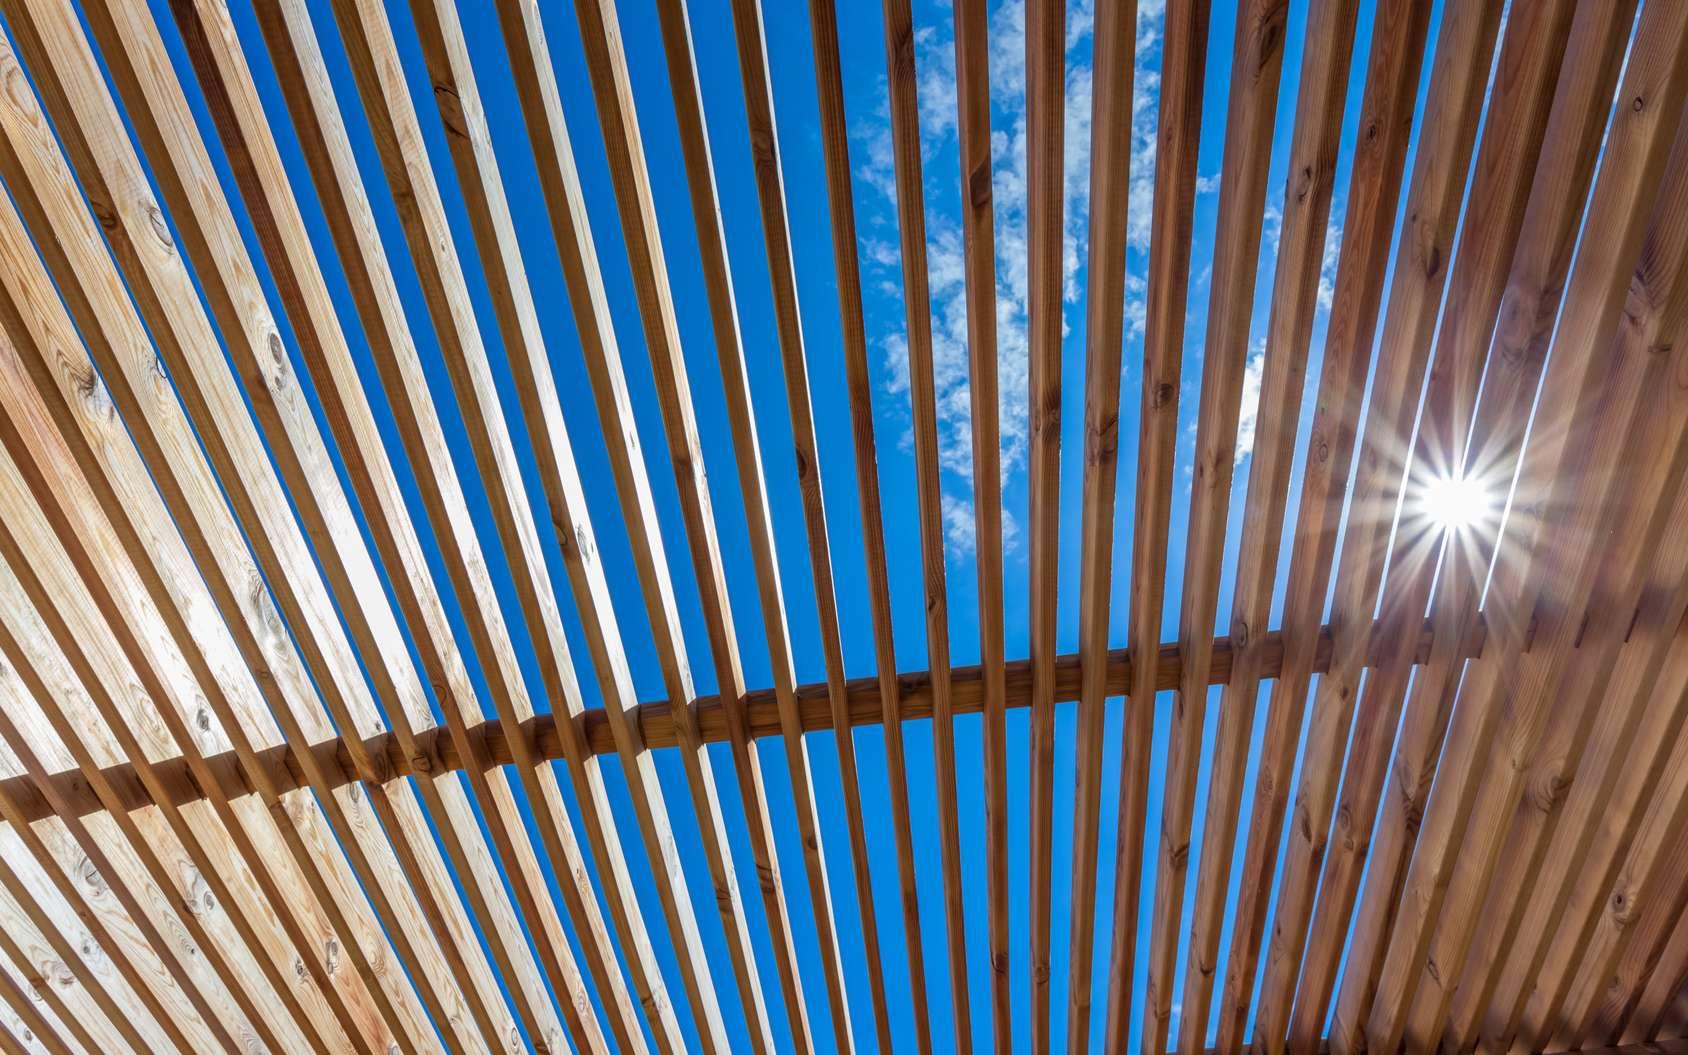 La pergola, un espace de vie où se protéger du soleil. © Unclesam, Fotolia